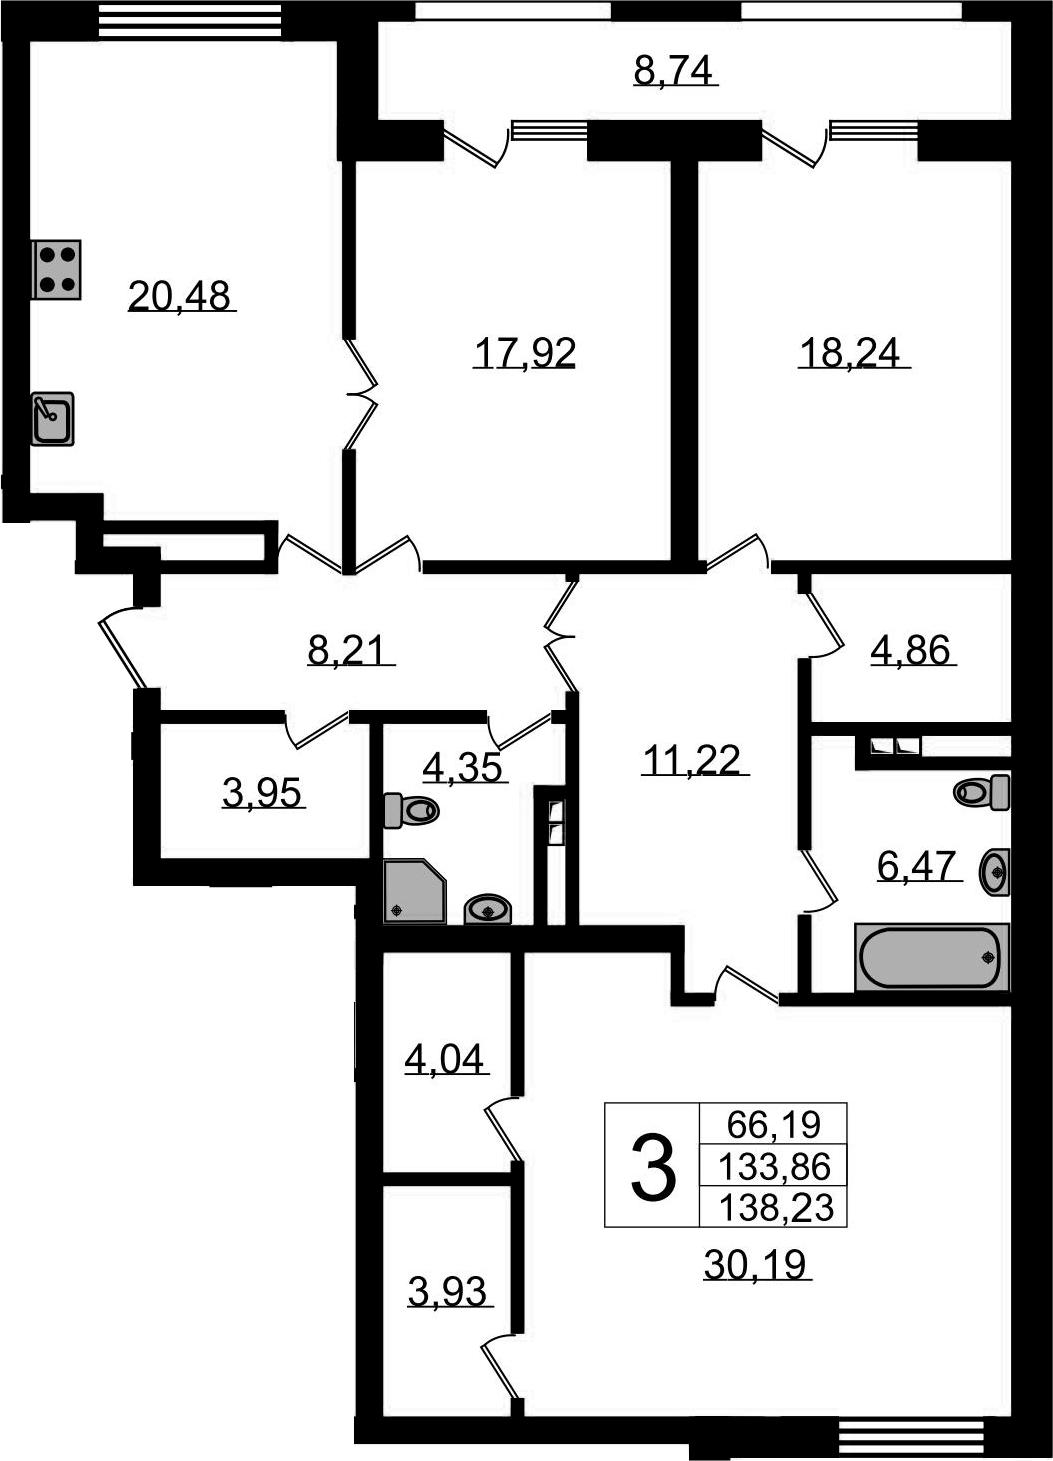 3-комнатная квартира, 138.23 м², 4 этаж – Планировка